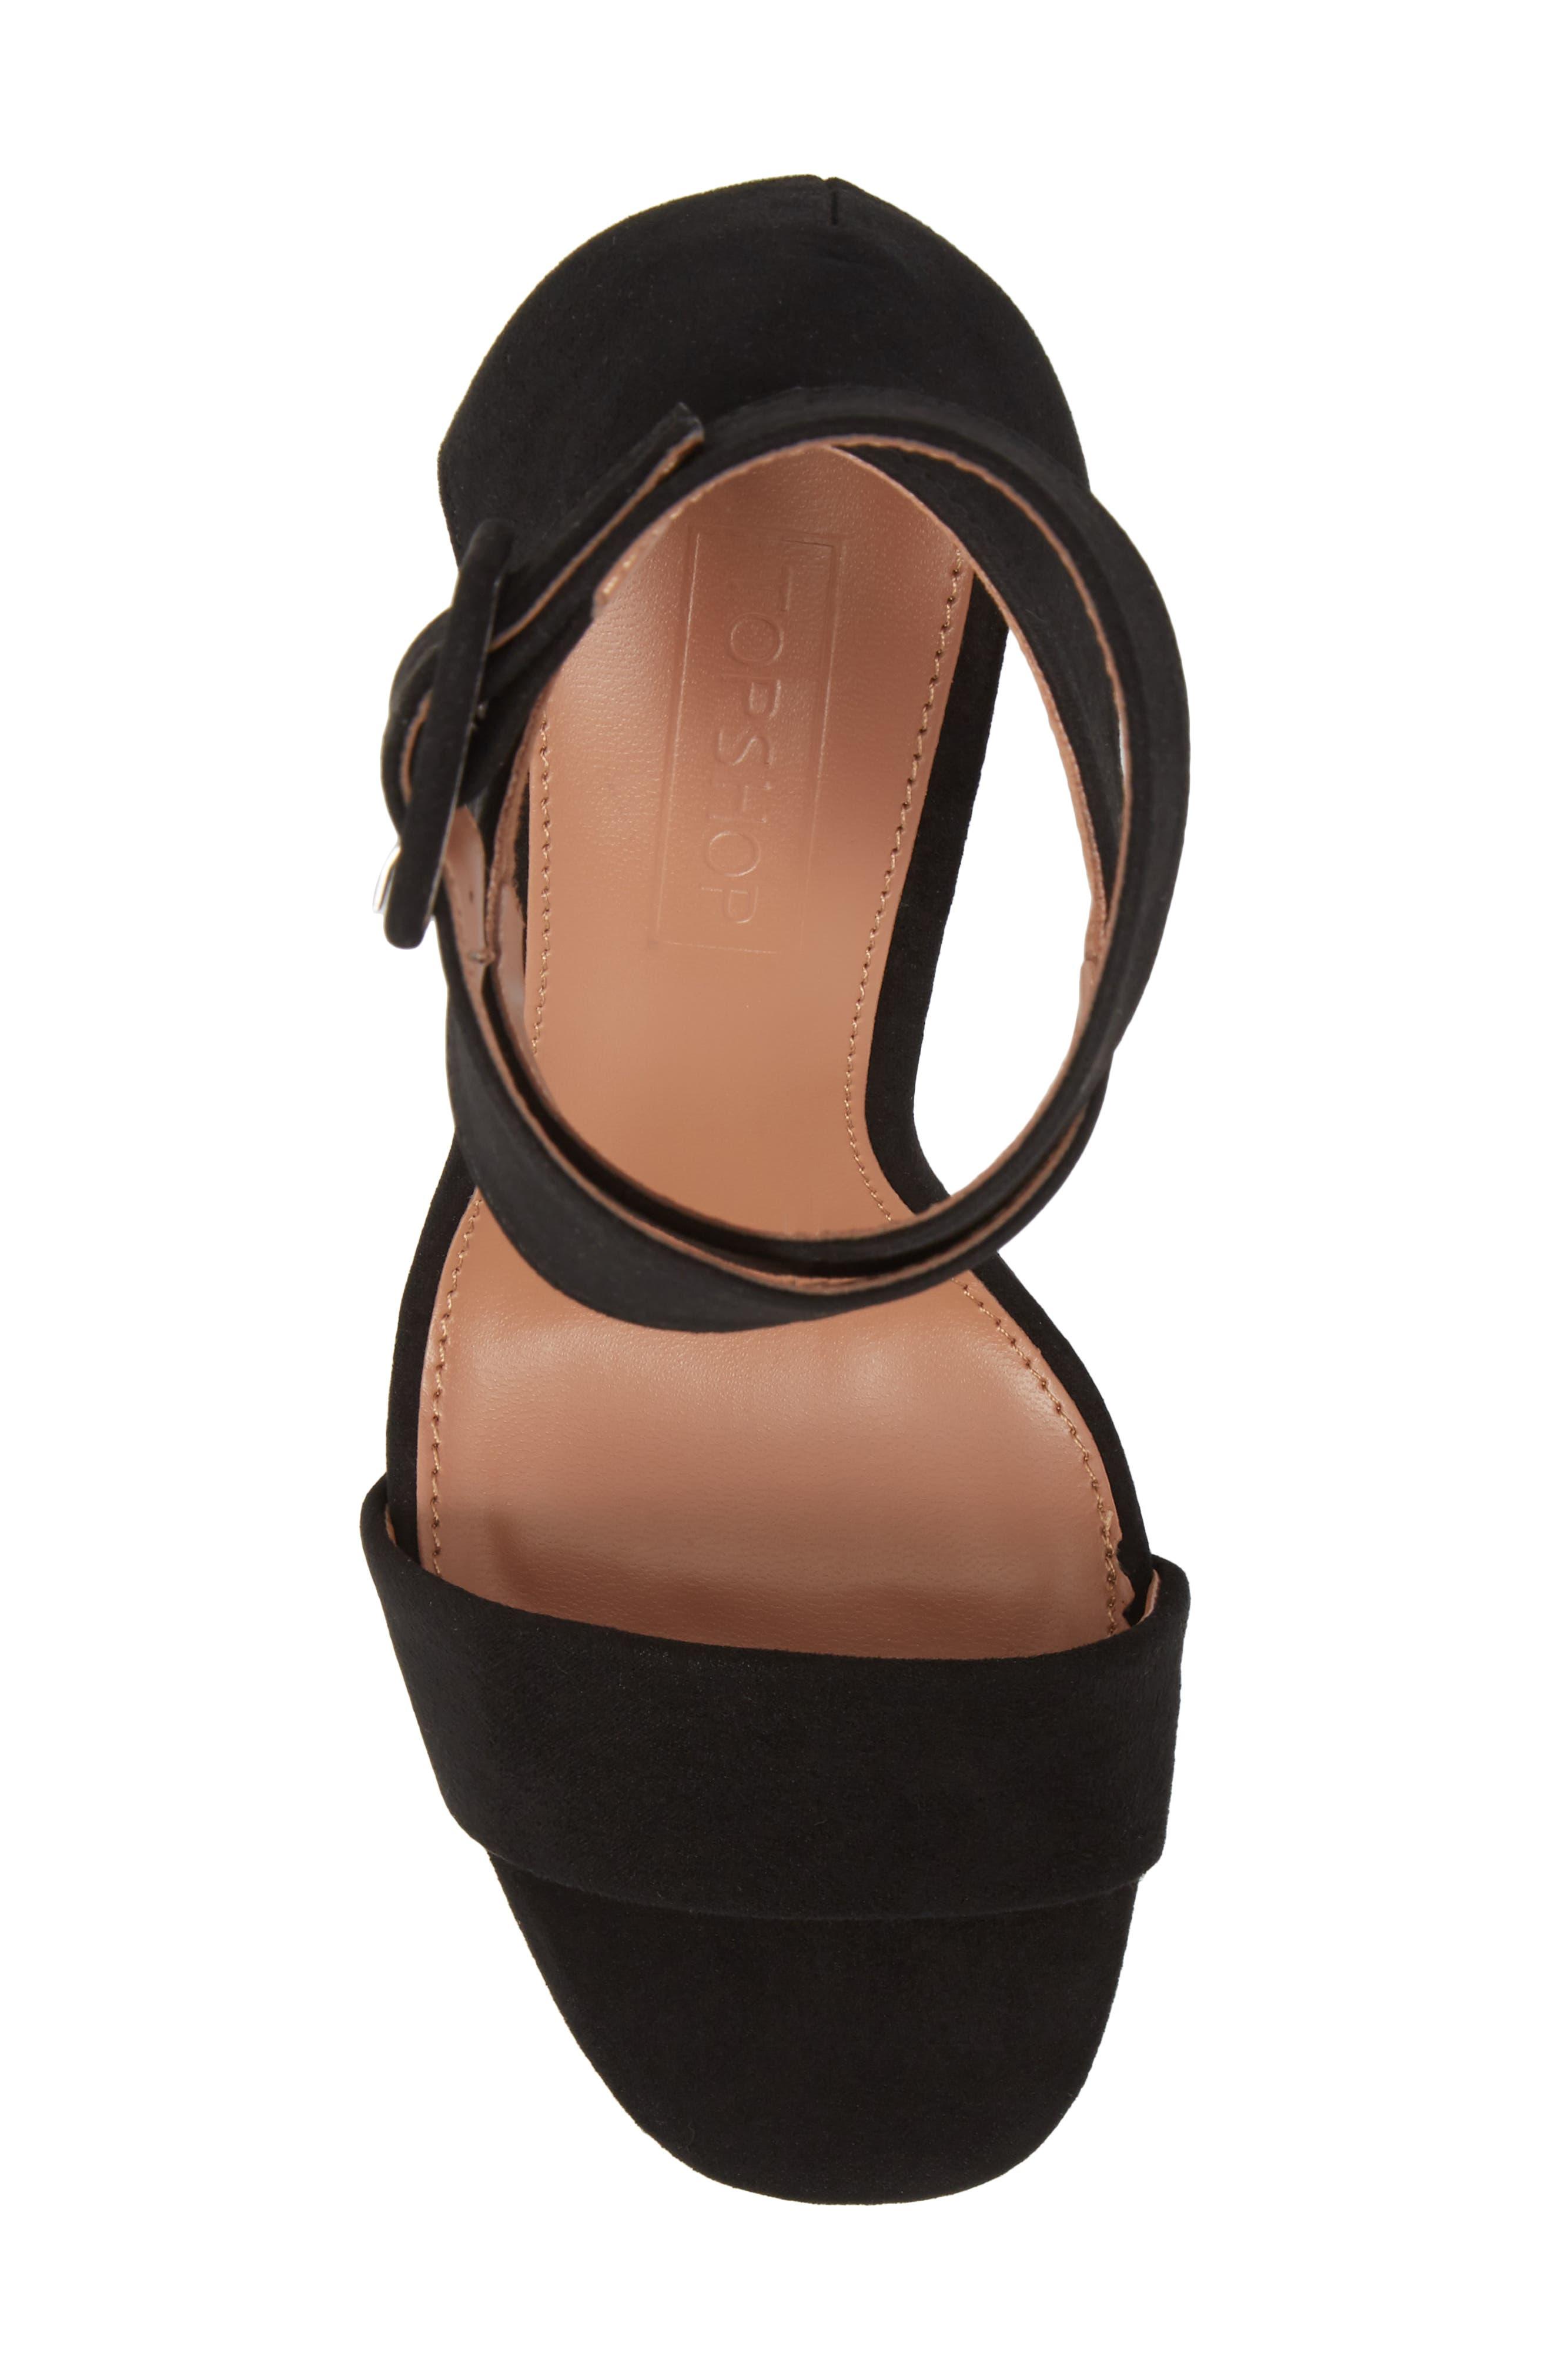 Sinitta Crossover Sandal,                             Alternate thumbnail 5, color,                             Black